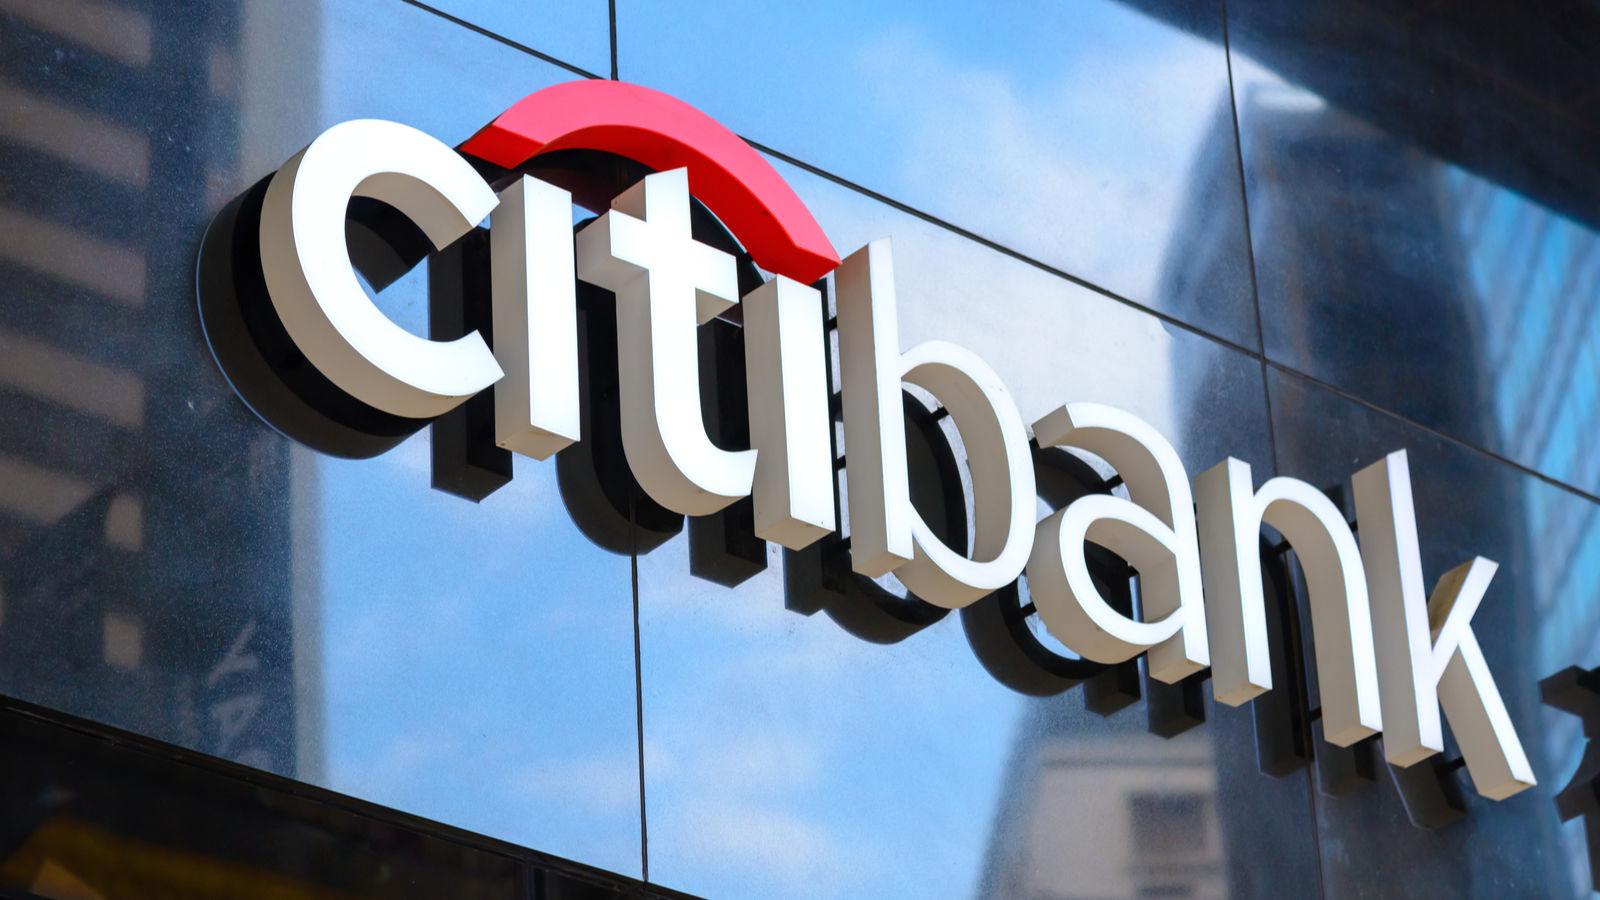 Крупнейшая американская финансовая корпорация Citigroup сворачивает бизнес в РФ